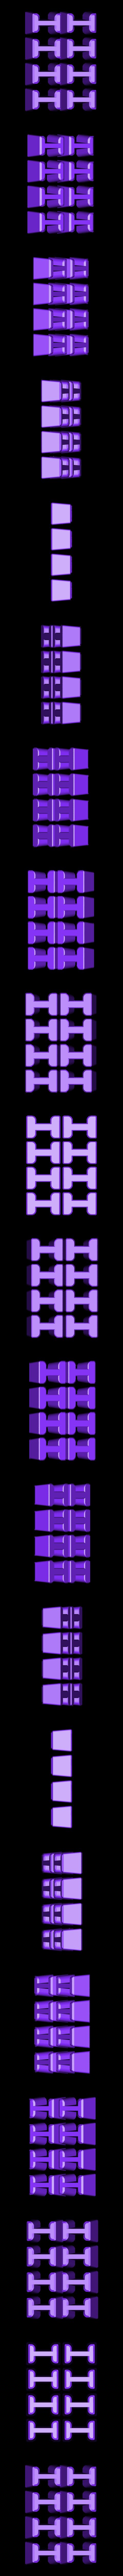 Butterfly_Joint_x8_Modular_Castle_Playset_-_3D-printable_By_CreativeTools.se.stl Télécharger fichier STL gratuit Plateau modulaire de château (imprimable en 3D) • Modèle à imprimer en 3D, CreativeTools